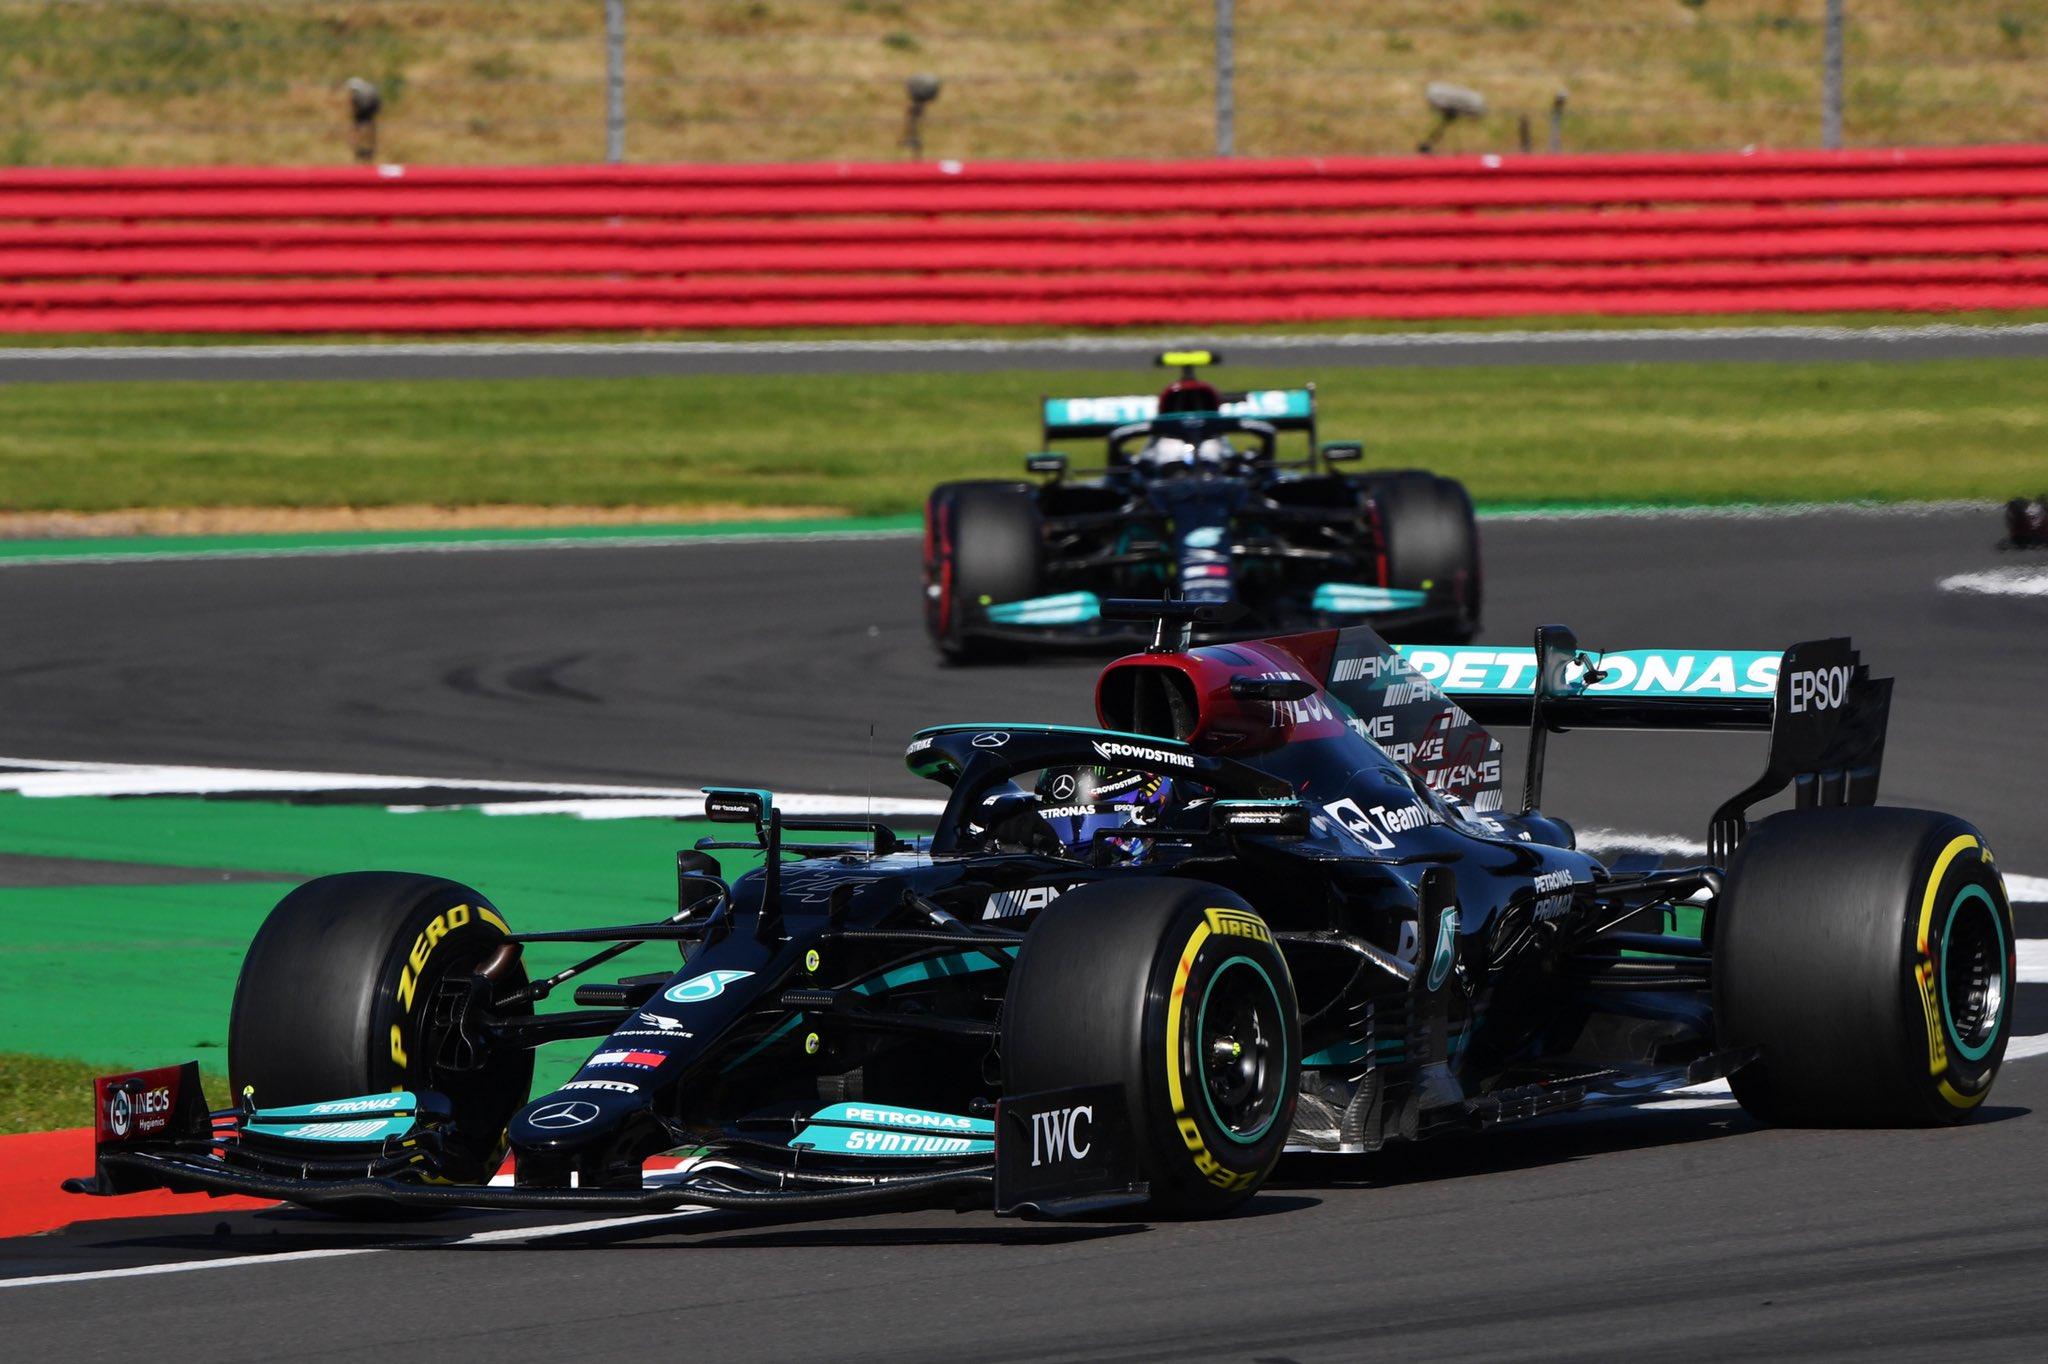 GP Wielkiej Brytanii, Lewis